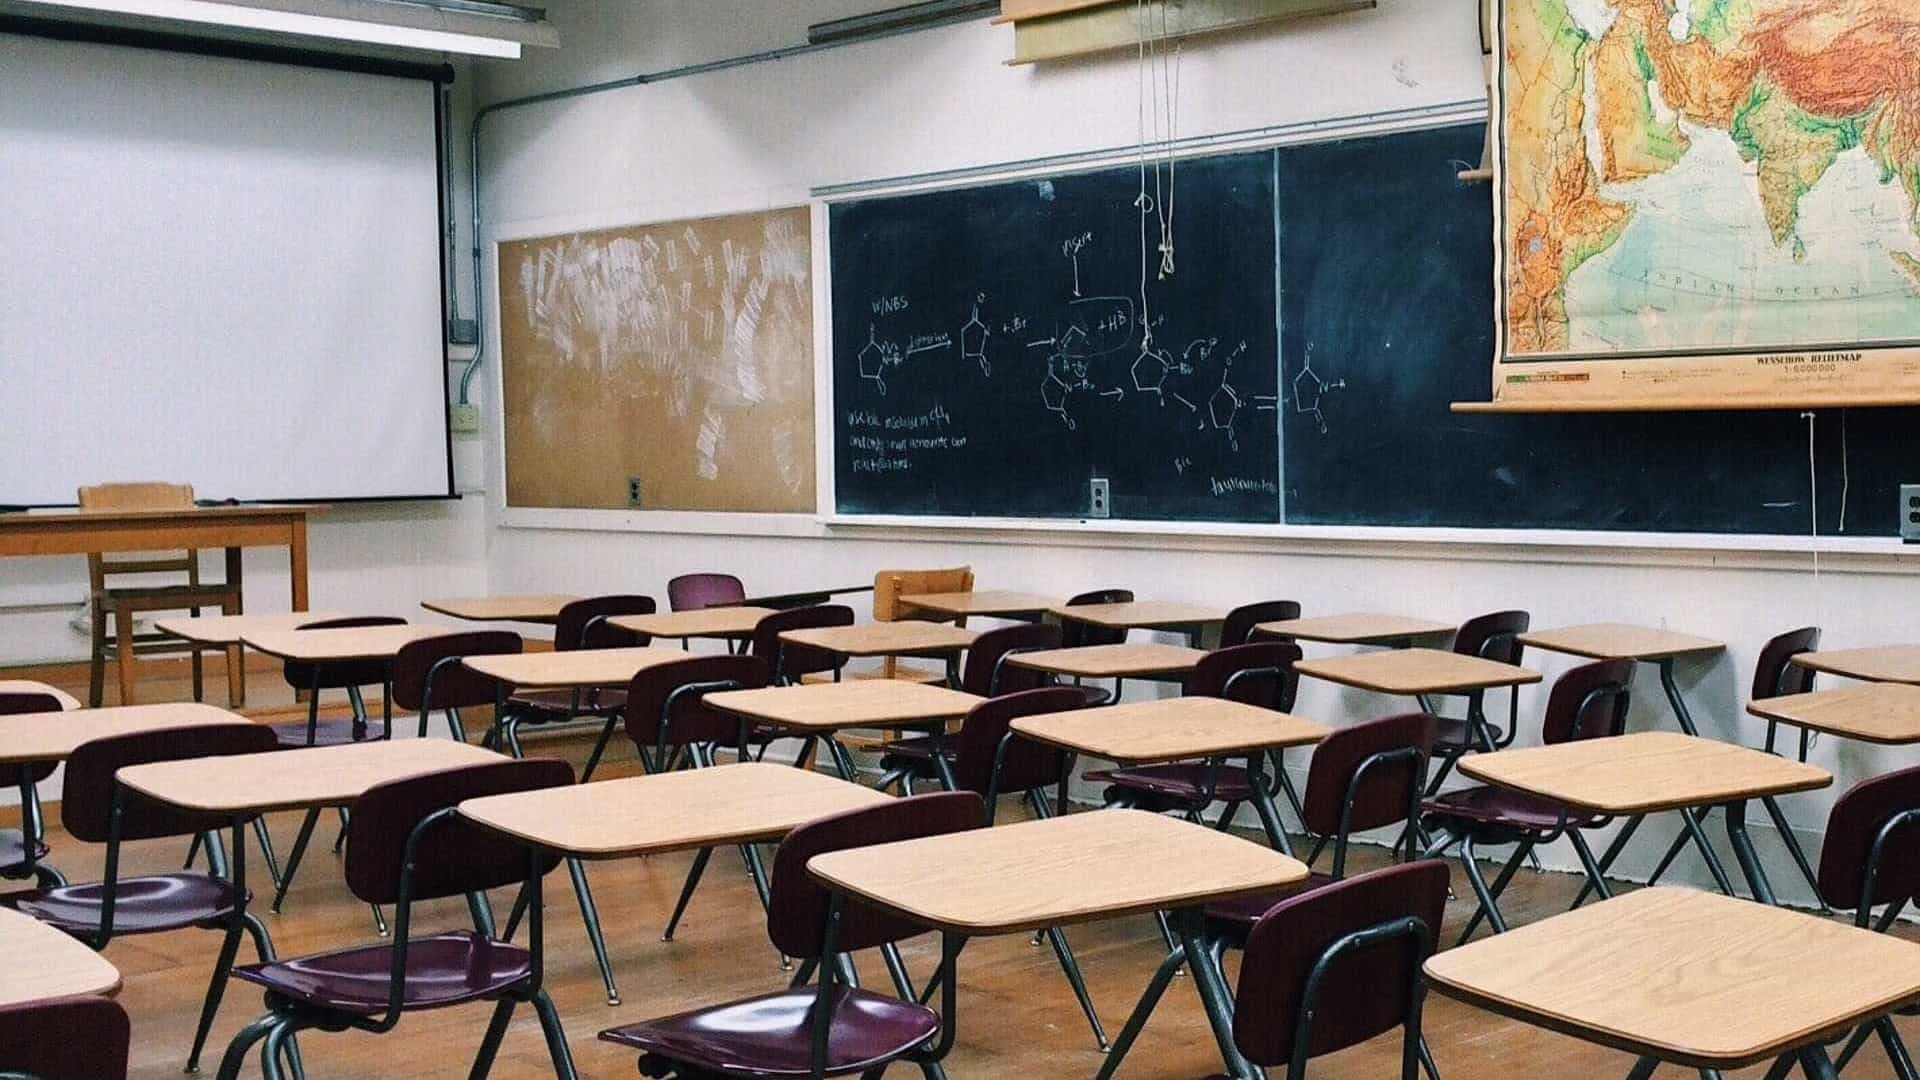 Ensino médio: novo currículo será dividido em áreas, e não disciplinas